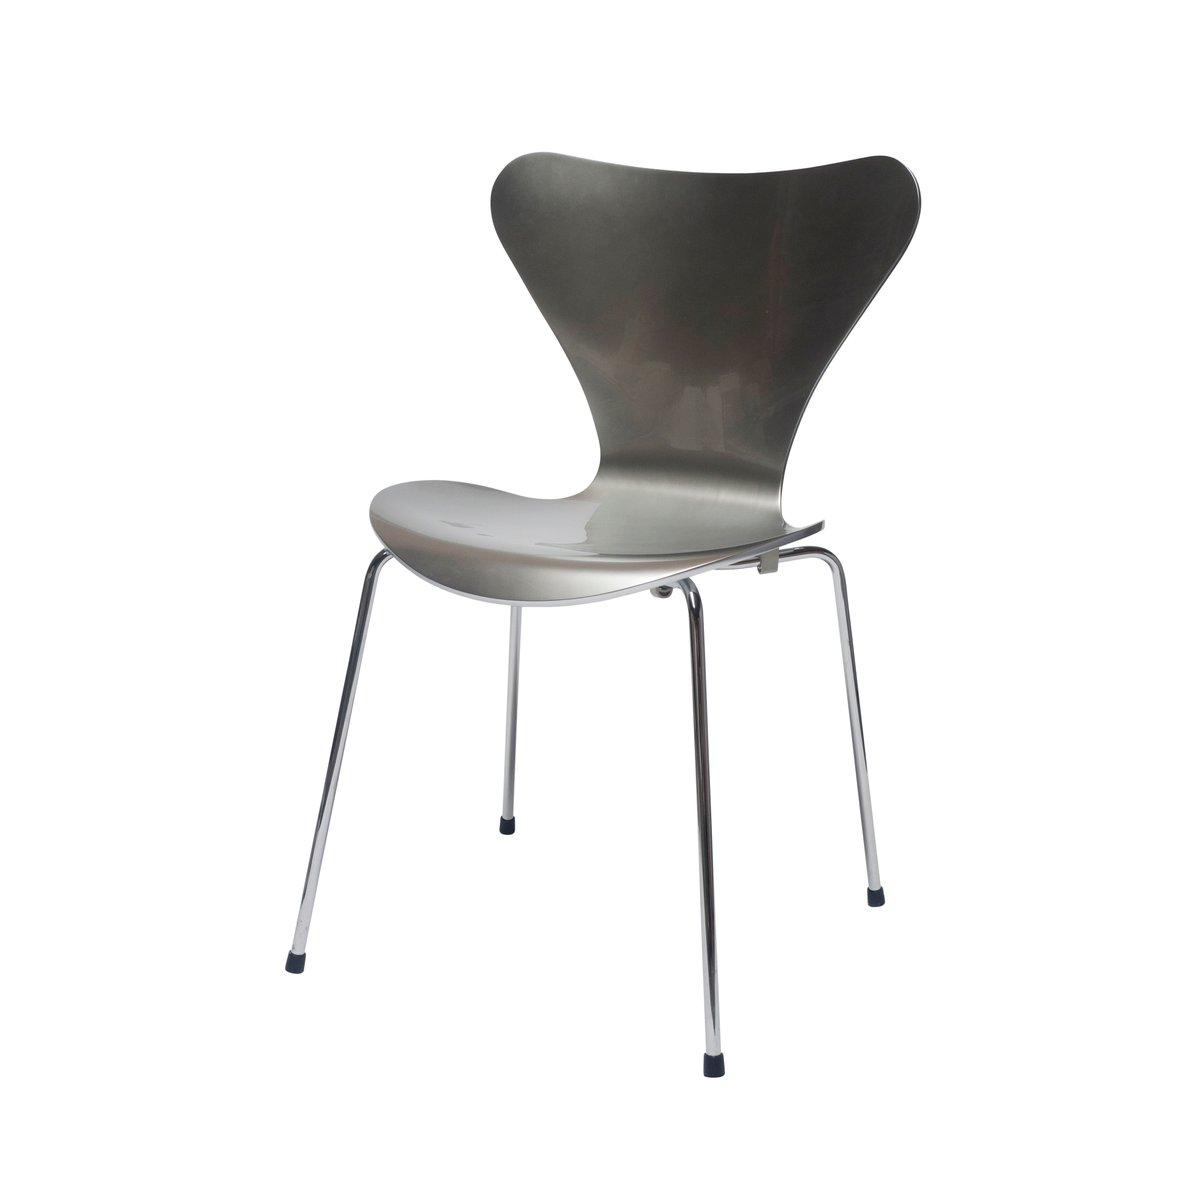 Ameise stuhl latest fritz hansen die ameise stuhl for Design stuhl nachbau